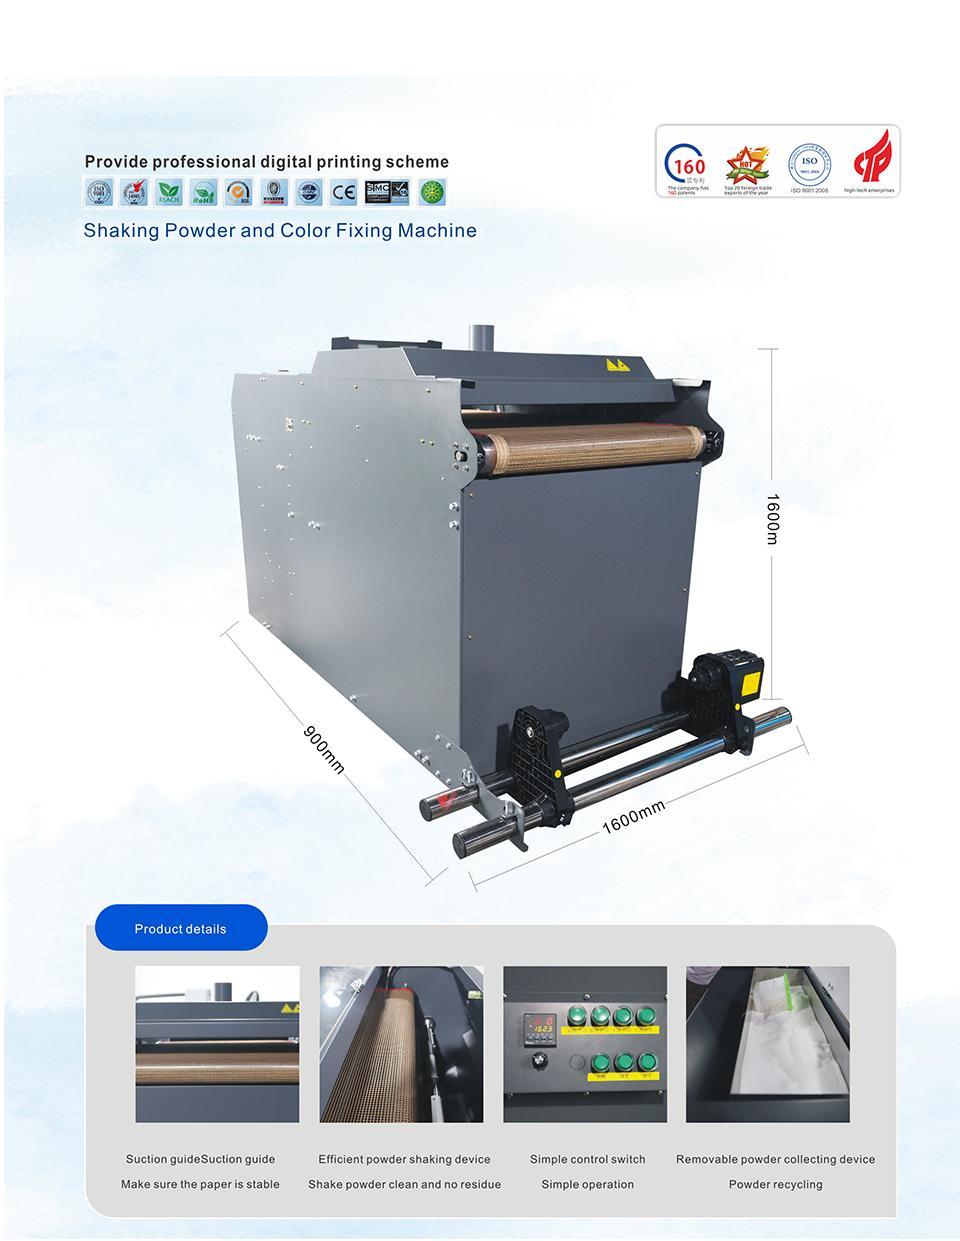 数码烫画打印机+抖粉机 11